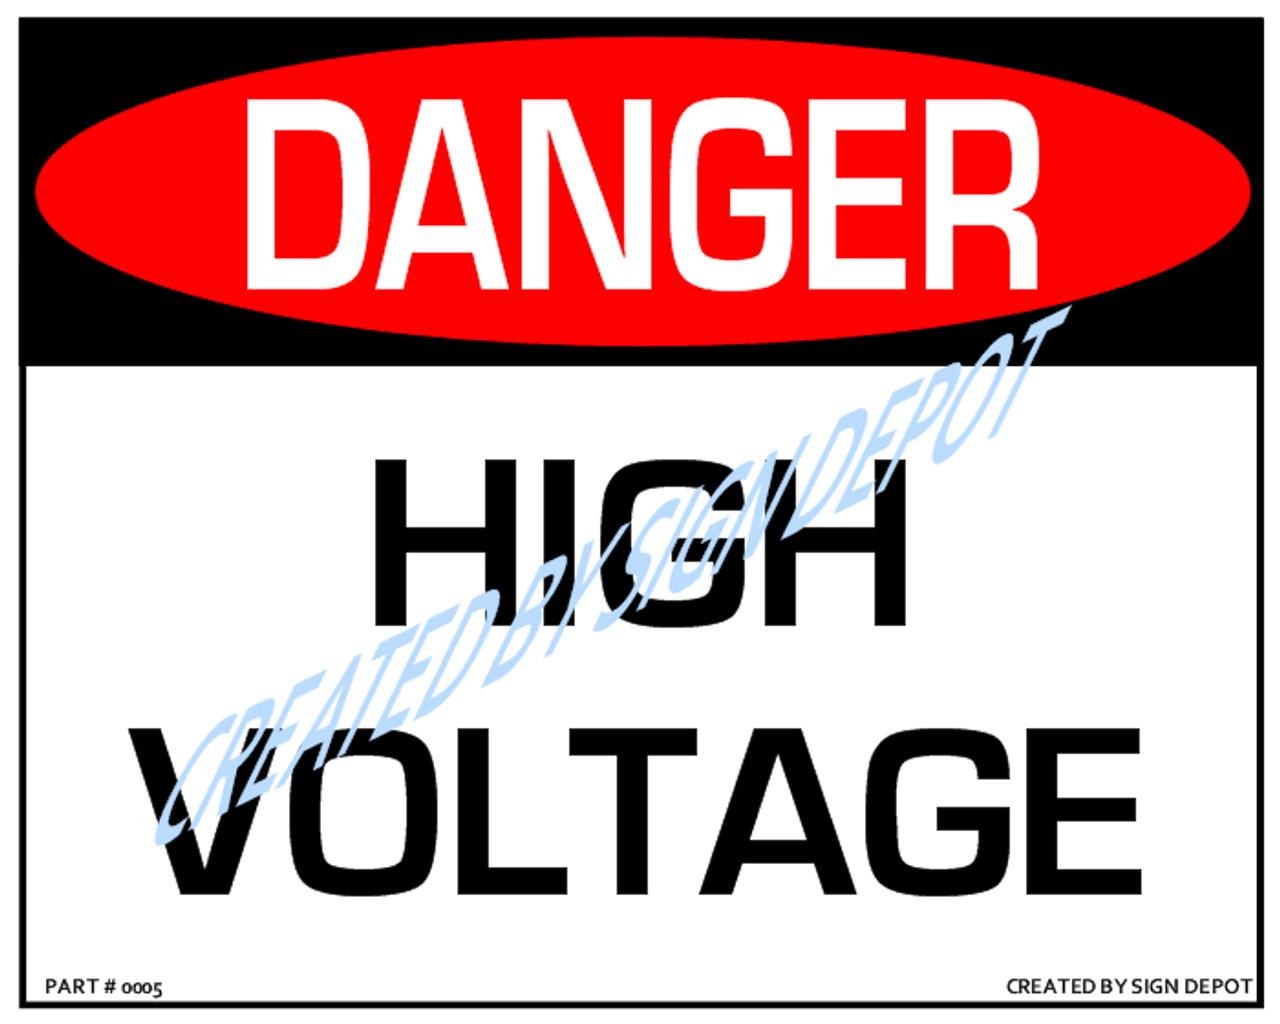 Danger, High Voltage, Download - 8